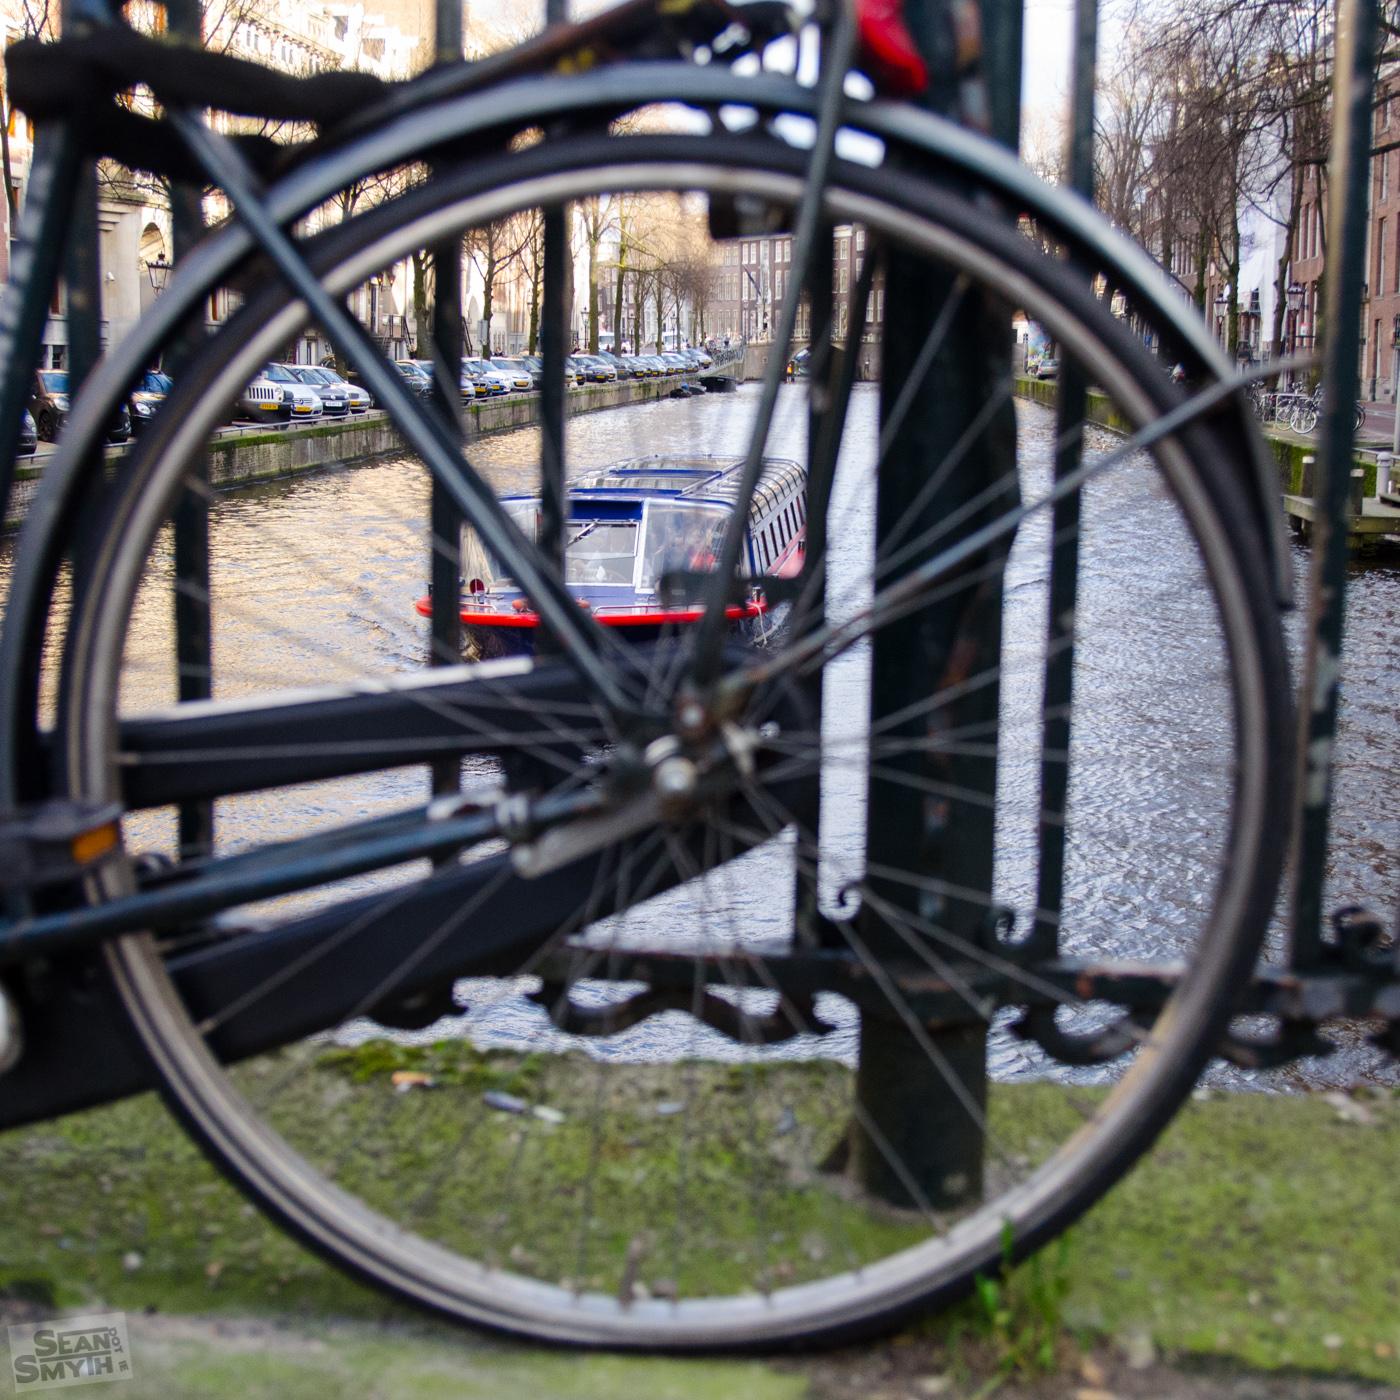 Amsterdam by Sean Smyth (5-2-16) (53 of 75)